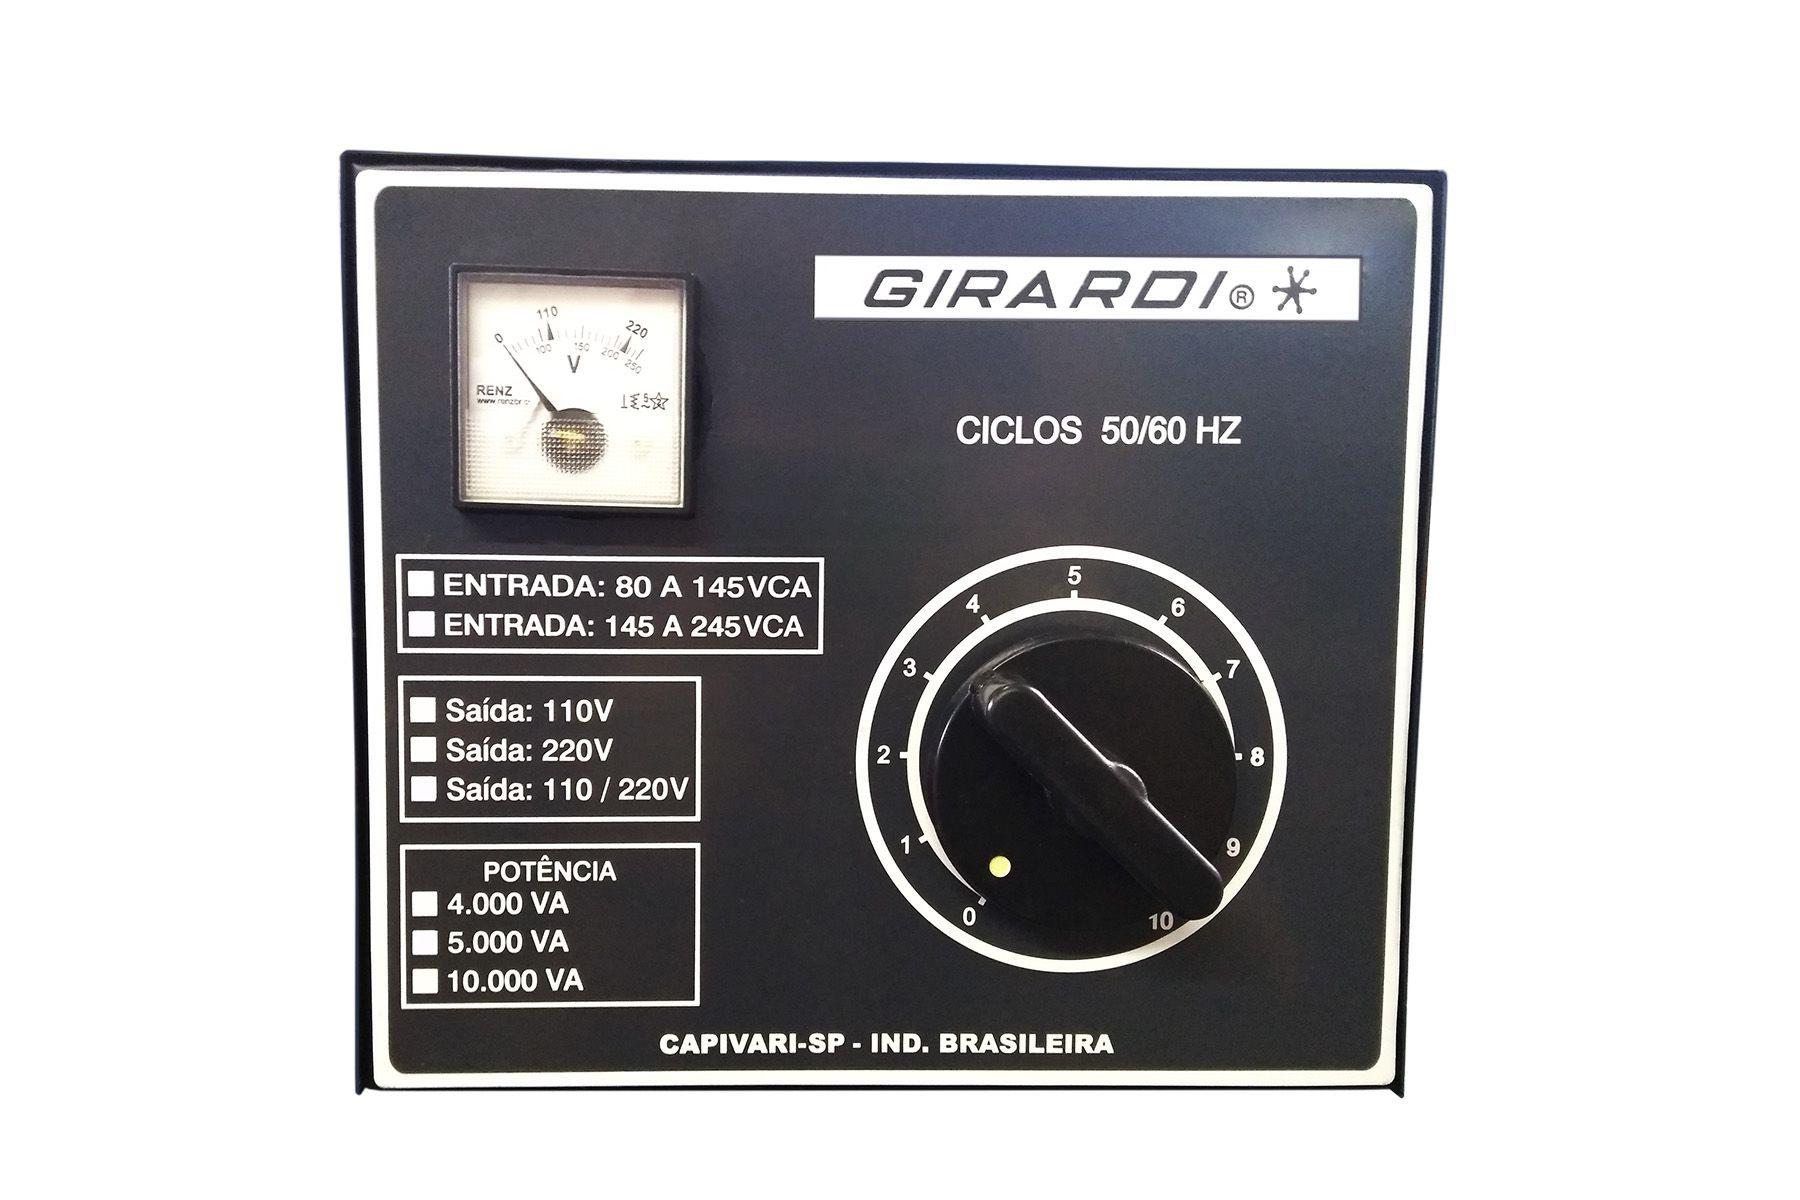 Regulador Manual De Tensão / Voltagem  Girardi 4000VA Entrada 220V Saída Bivolt